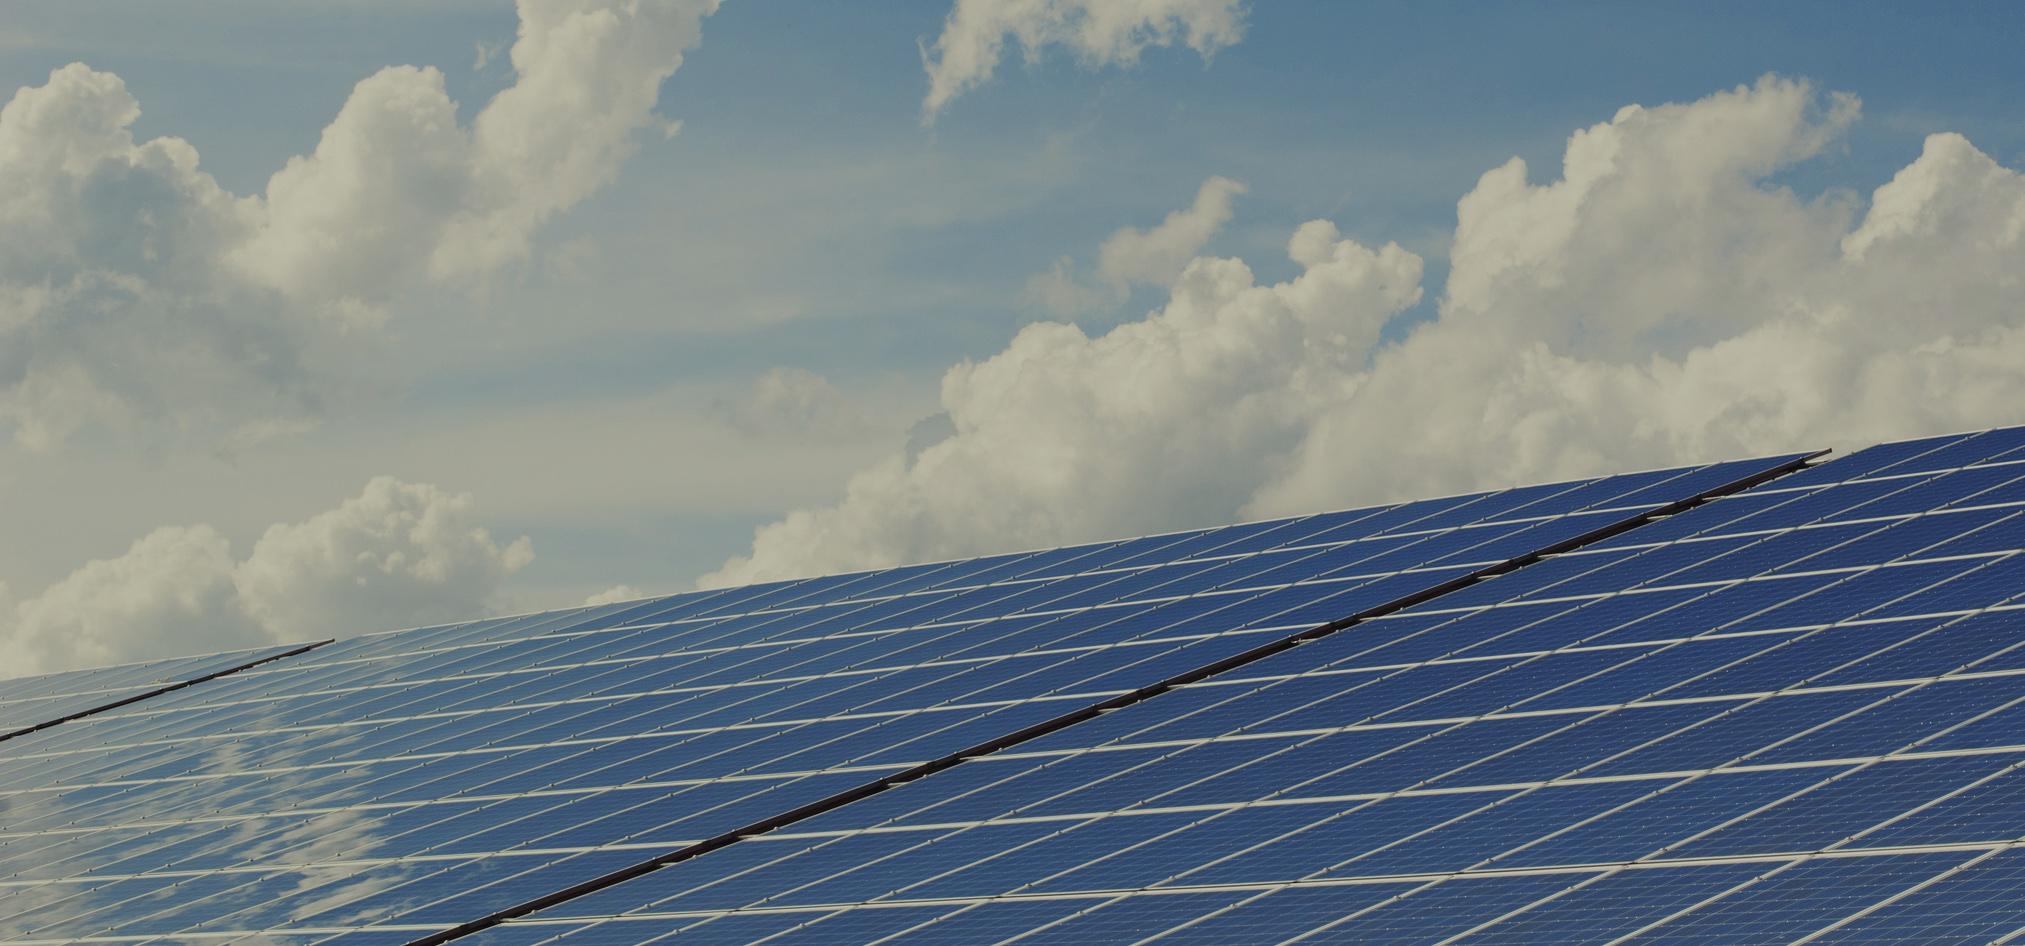 致力引領全球分布式光伏新能源革命 以尖端科技為人類的可持續發展提供清潔能源解決方案